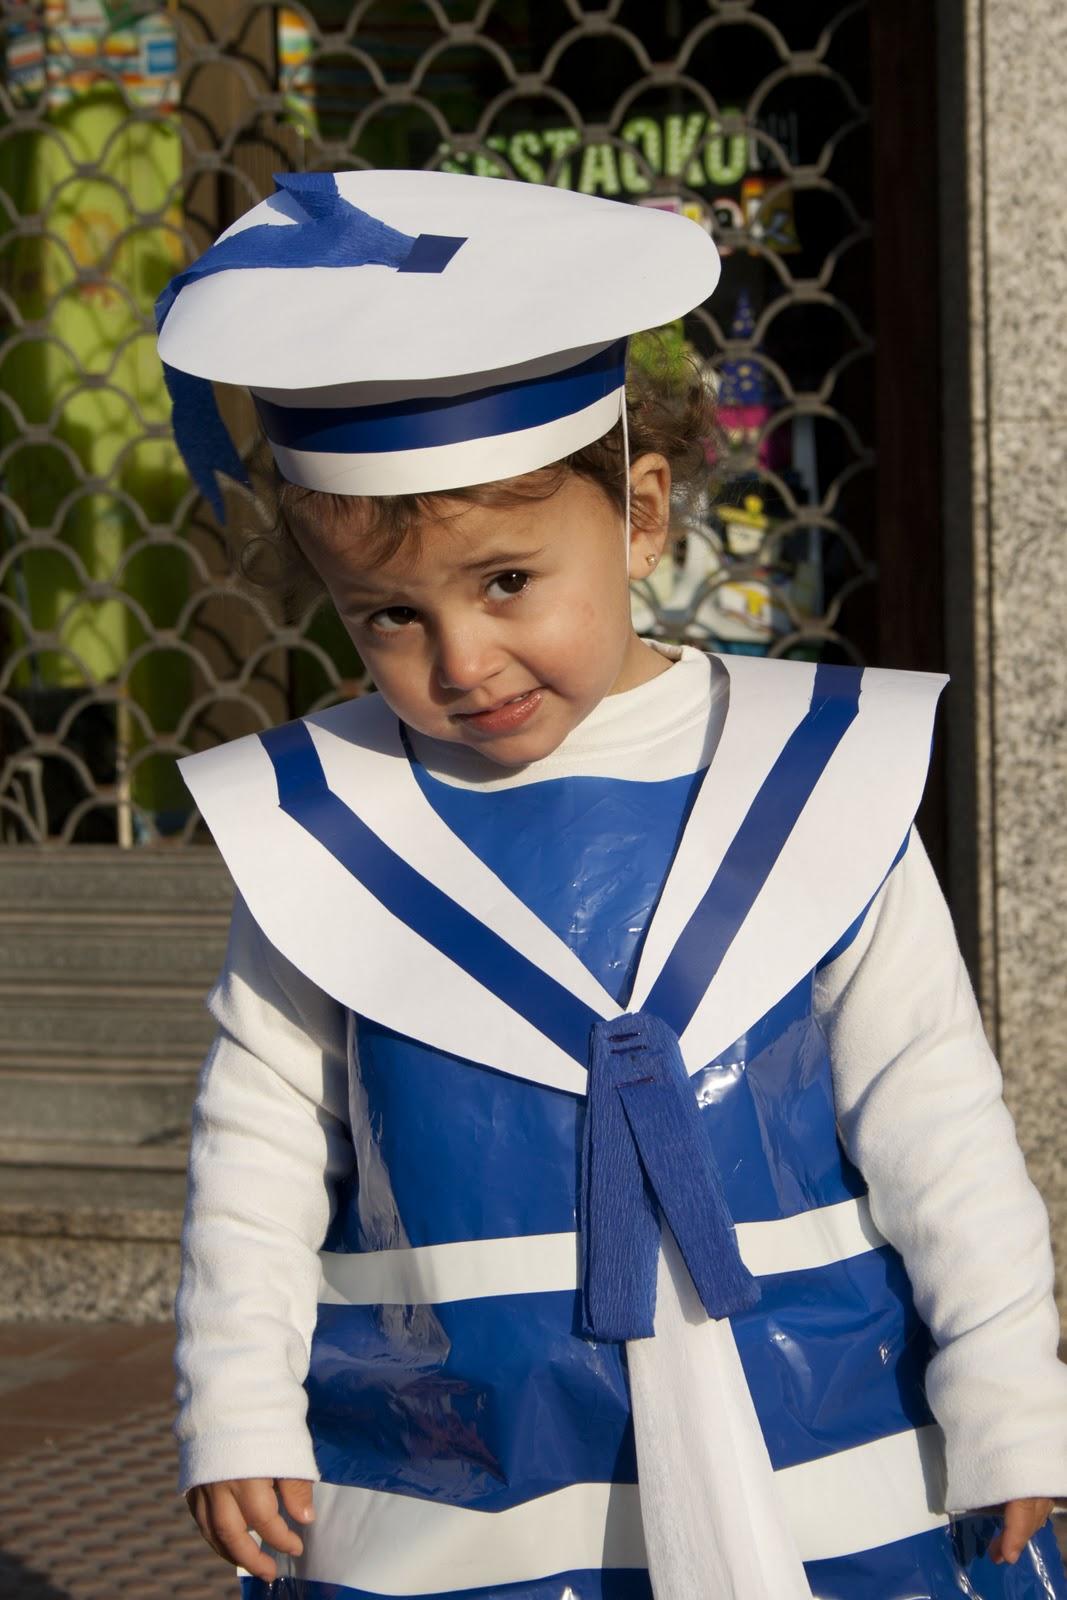 C mo hacer un disfraz de marinero - Disfraz de marinero casero ...